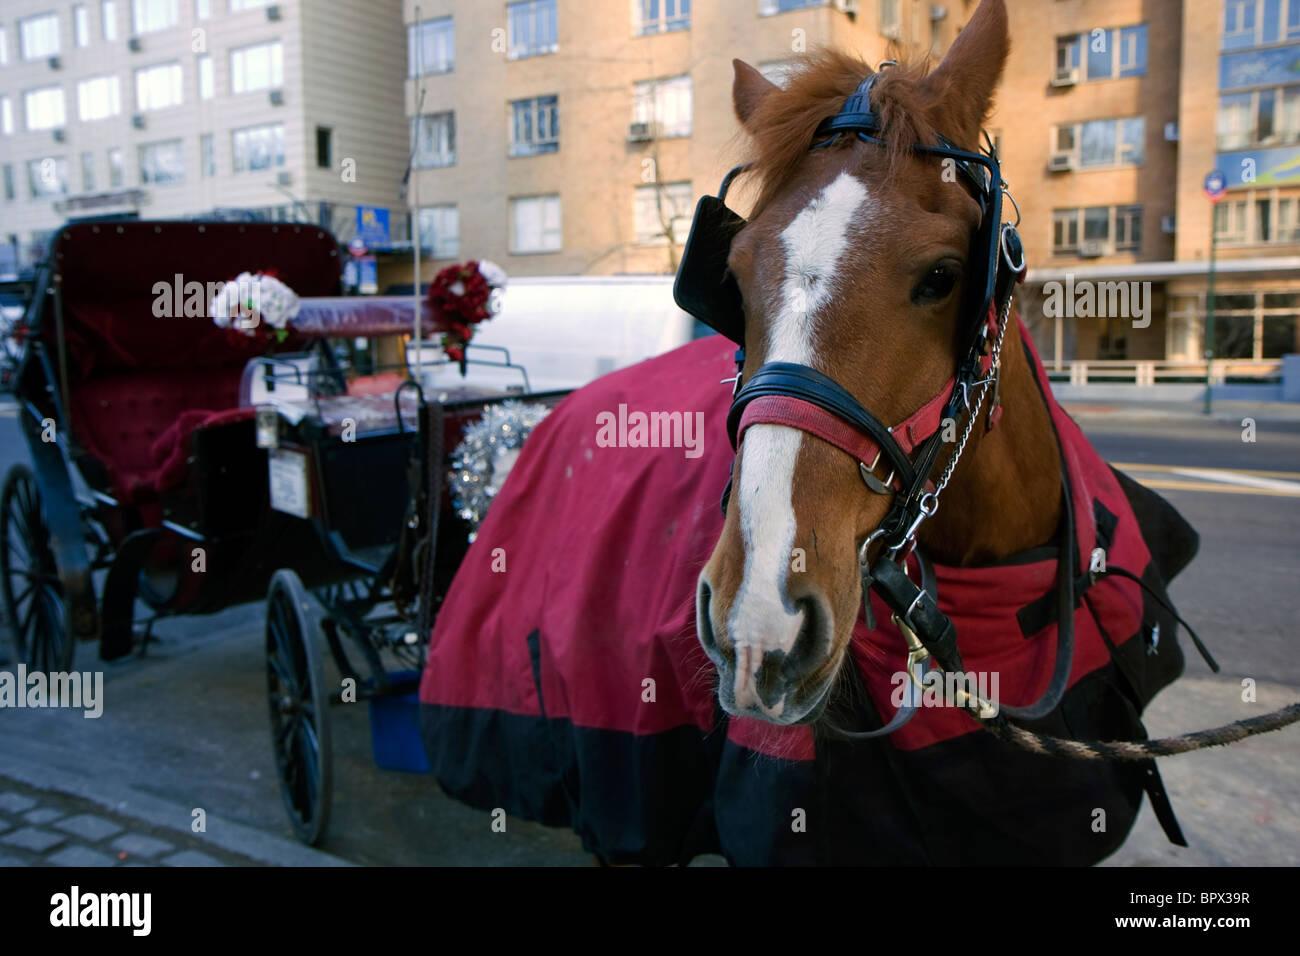 Caballo con carro clientes esperando al lado del Central Park en Nueva York Imagen De Stock